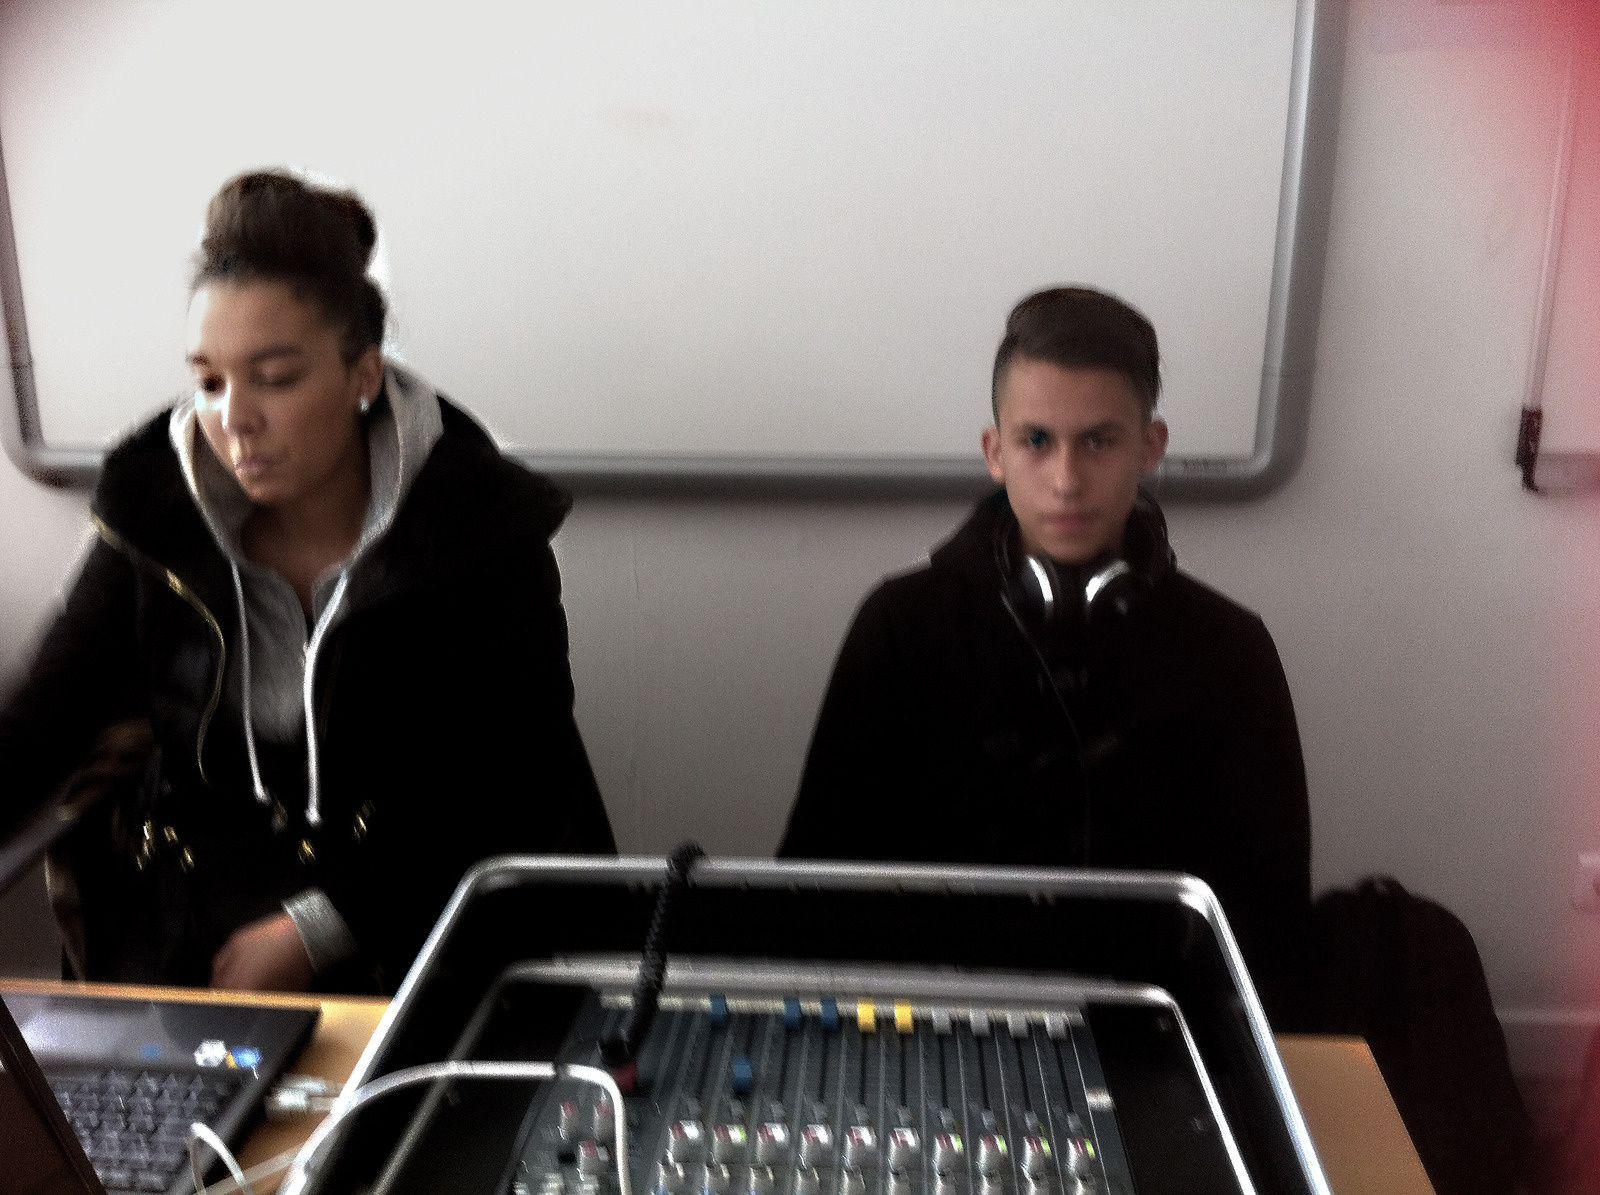 Classe radio : Une émission sur la Téléréalité à écouter !